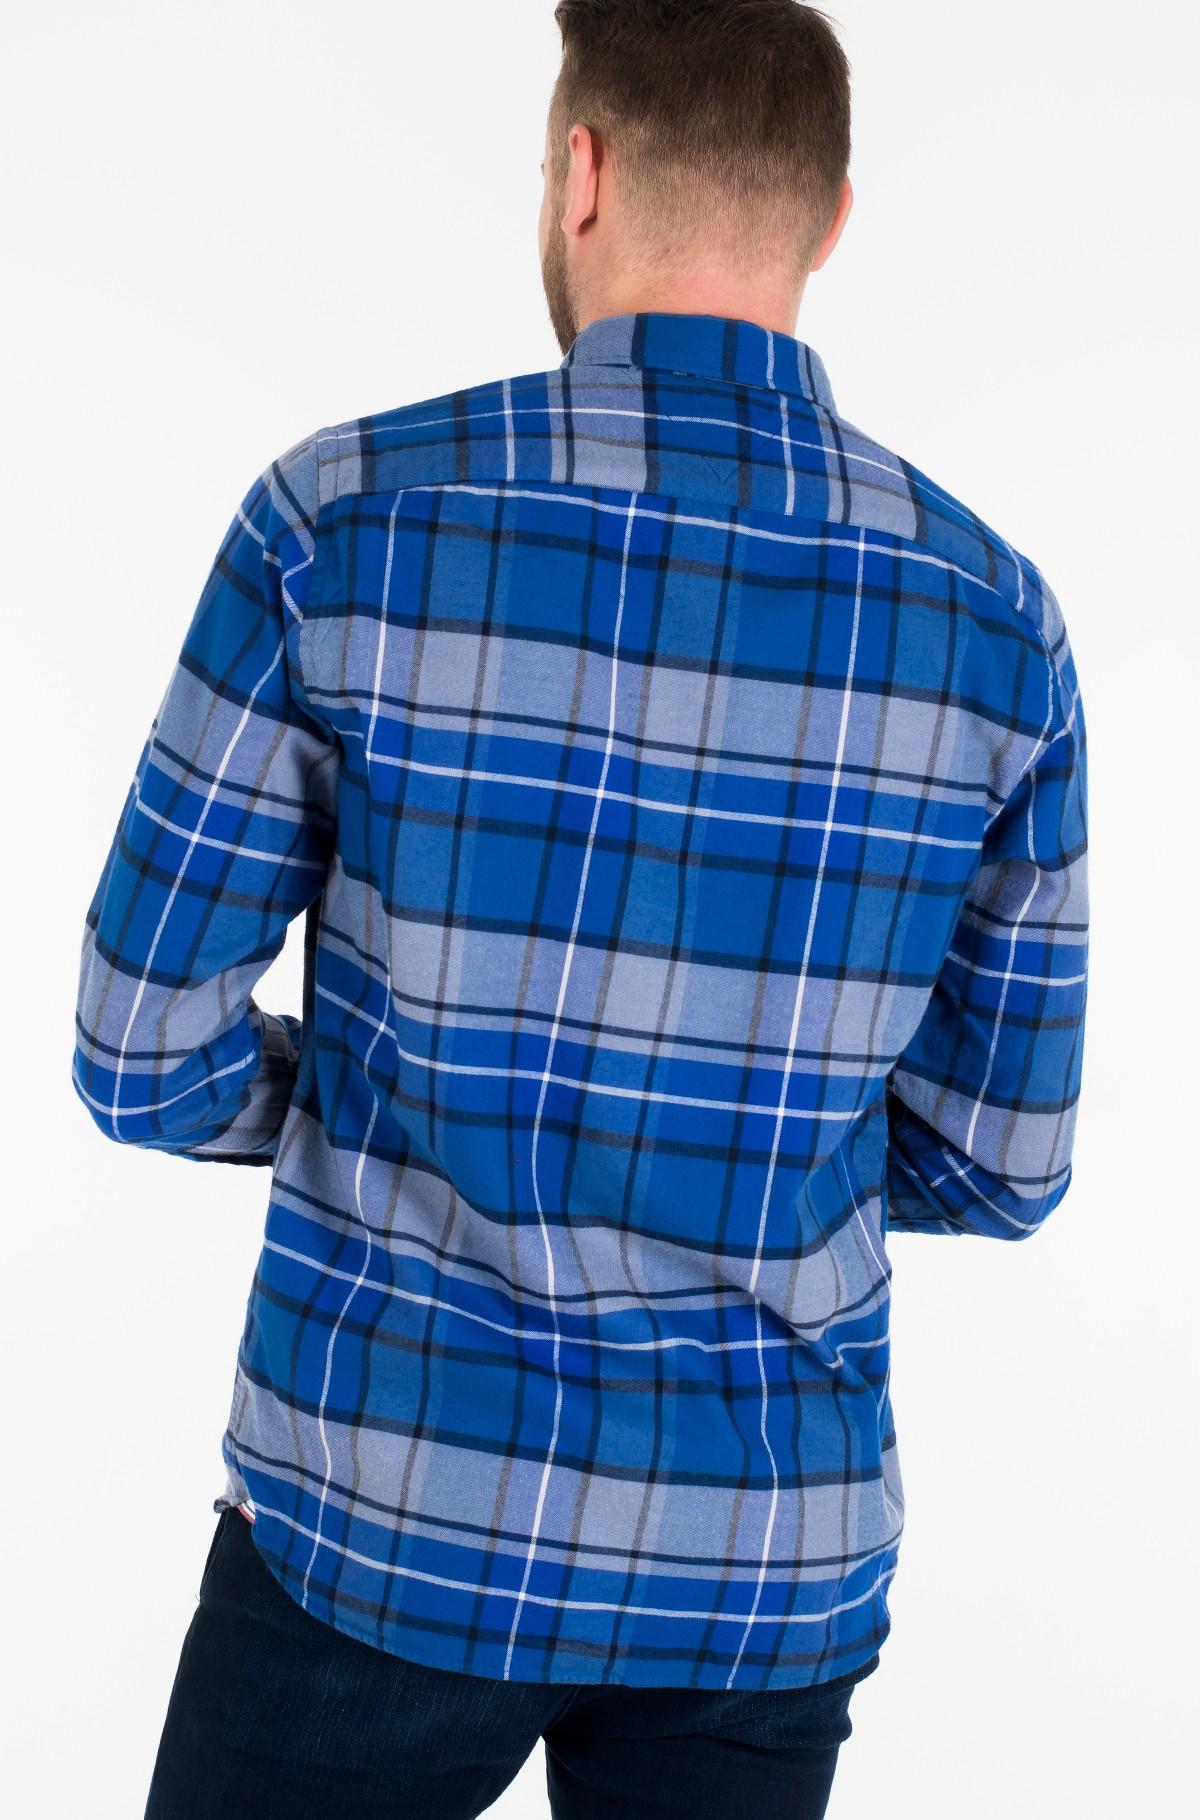 Marškiniai CLASSIC TARTAN SHIRT-full-3